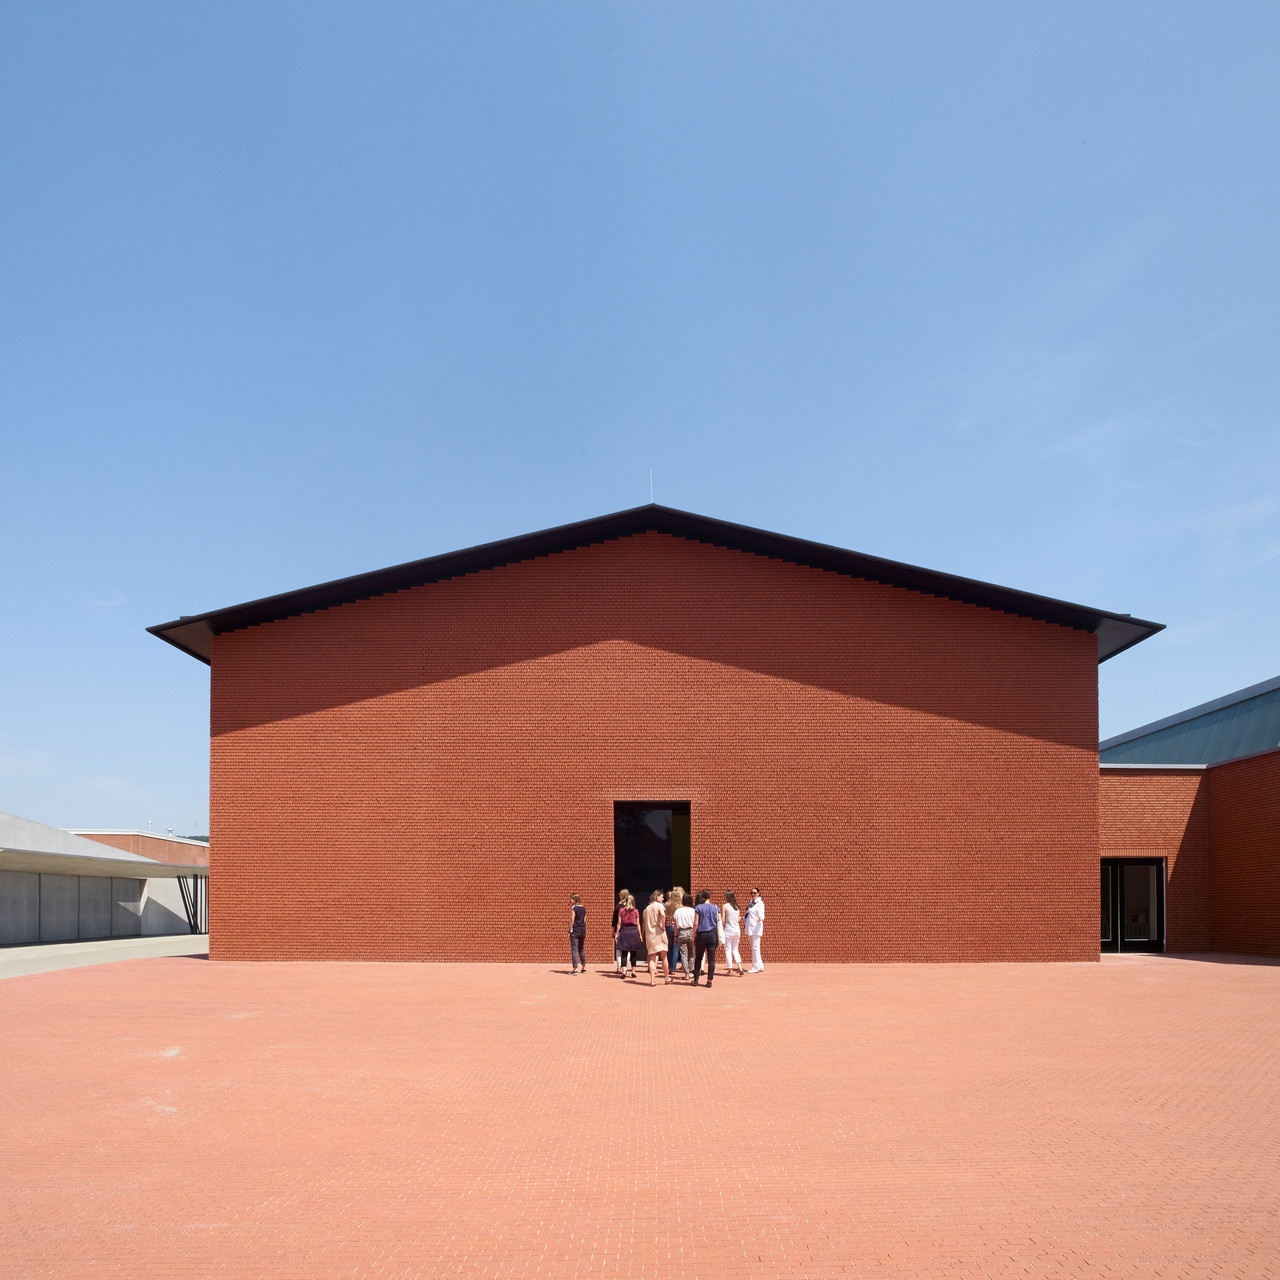 Außenansicht/ Exterior View Vitra Schaudepot, Herzog & de Meuron, 2015 Foto/ photo: © Vitra Design Museum, Julien Lanoo